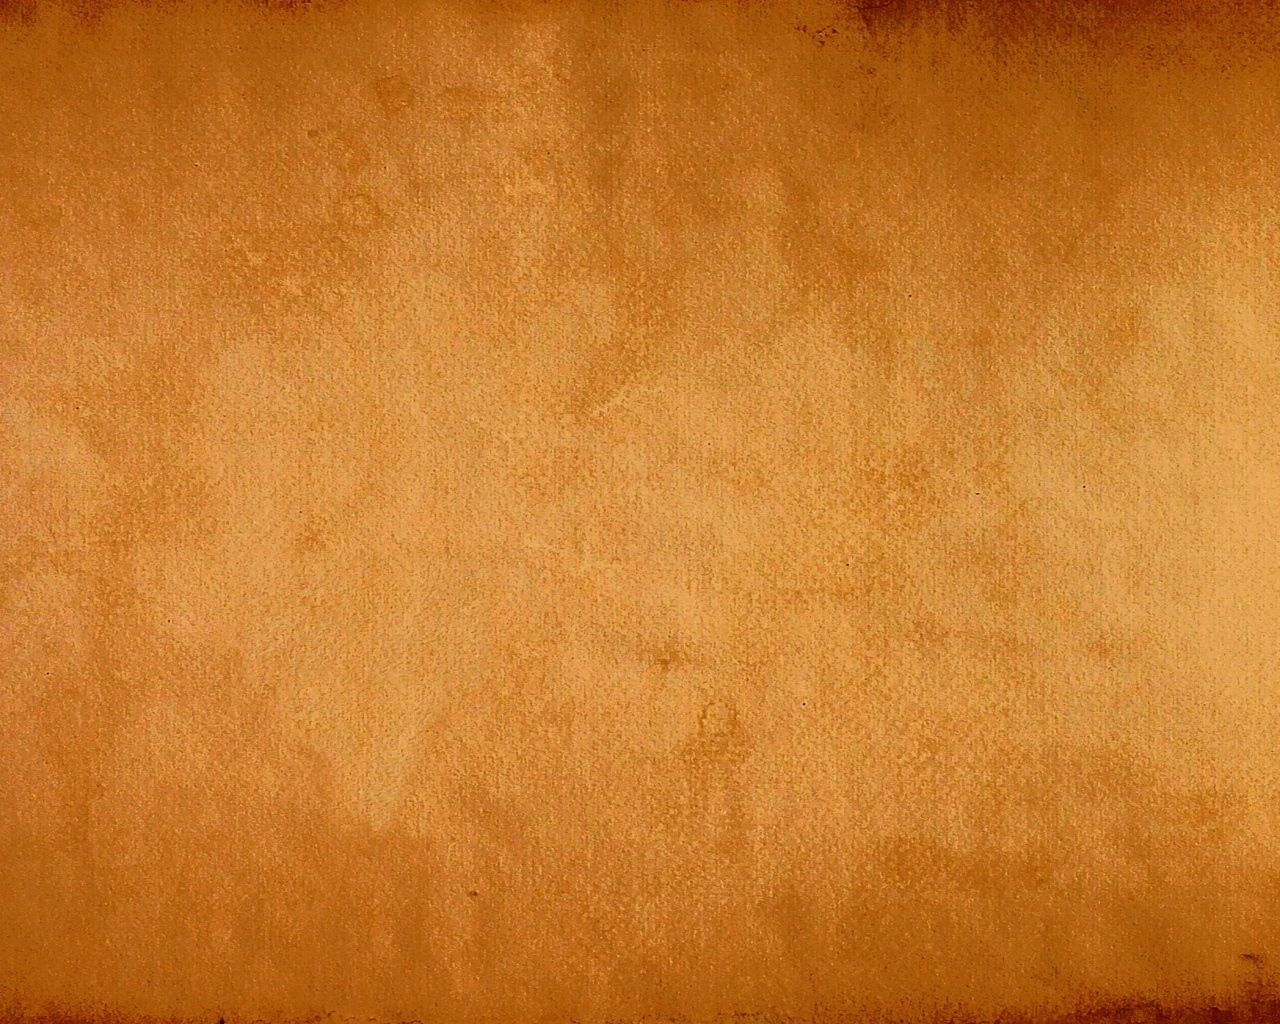 109739 скачать обои Текстуры, Фон, Темный, Лист, Поверхность - заставки и картинки бесплатно